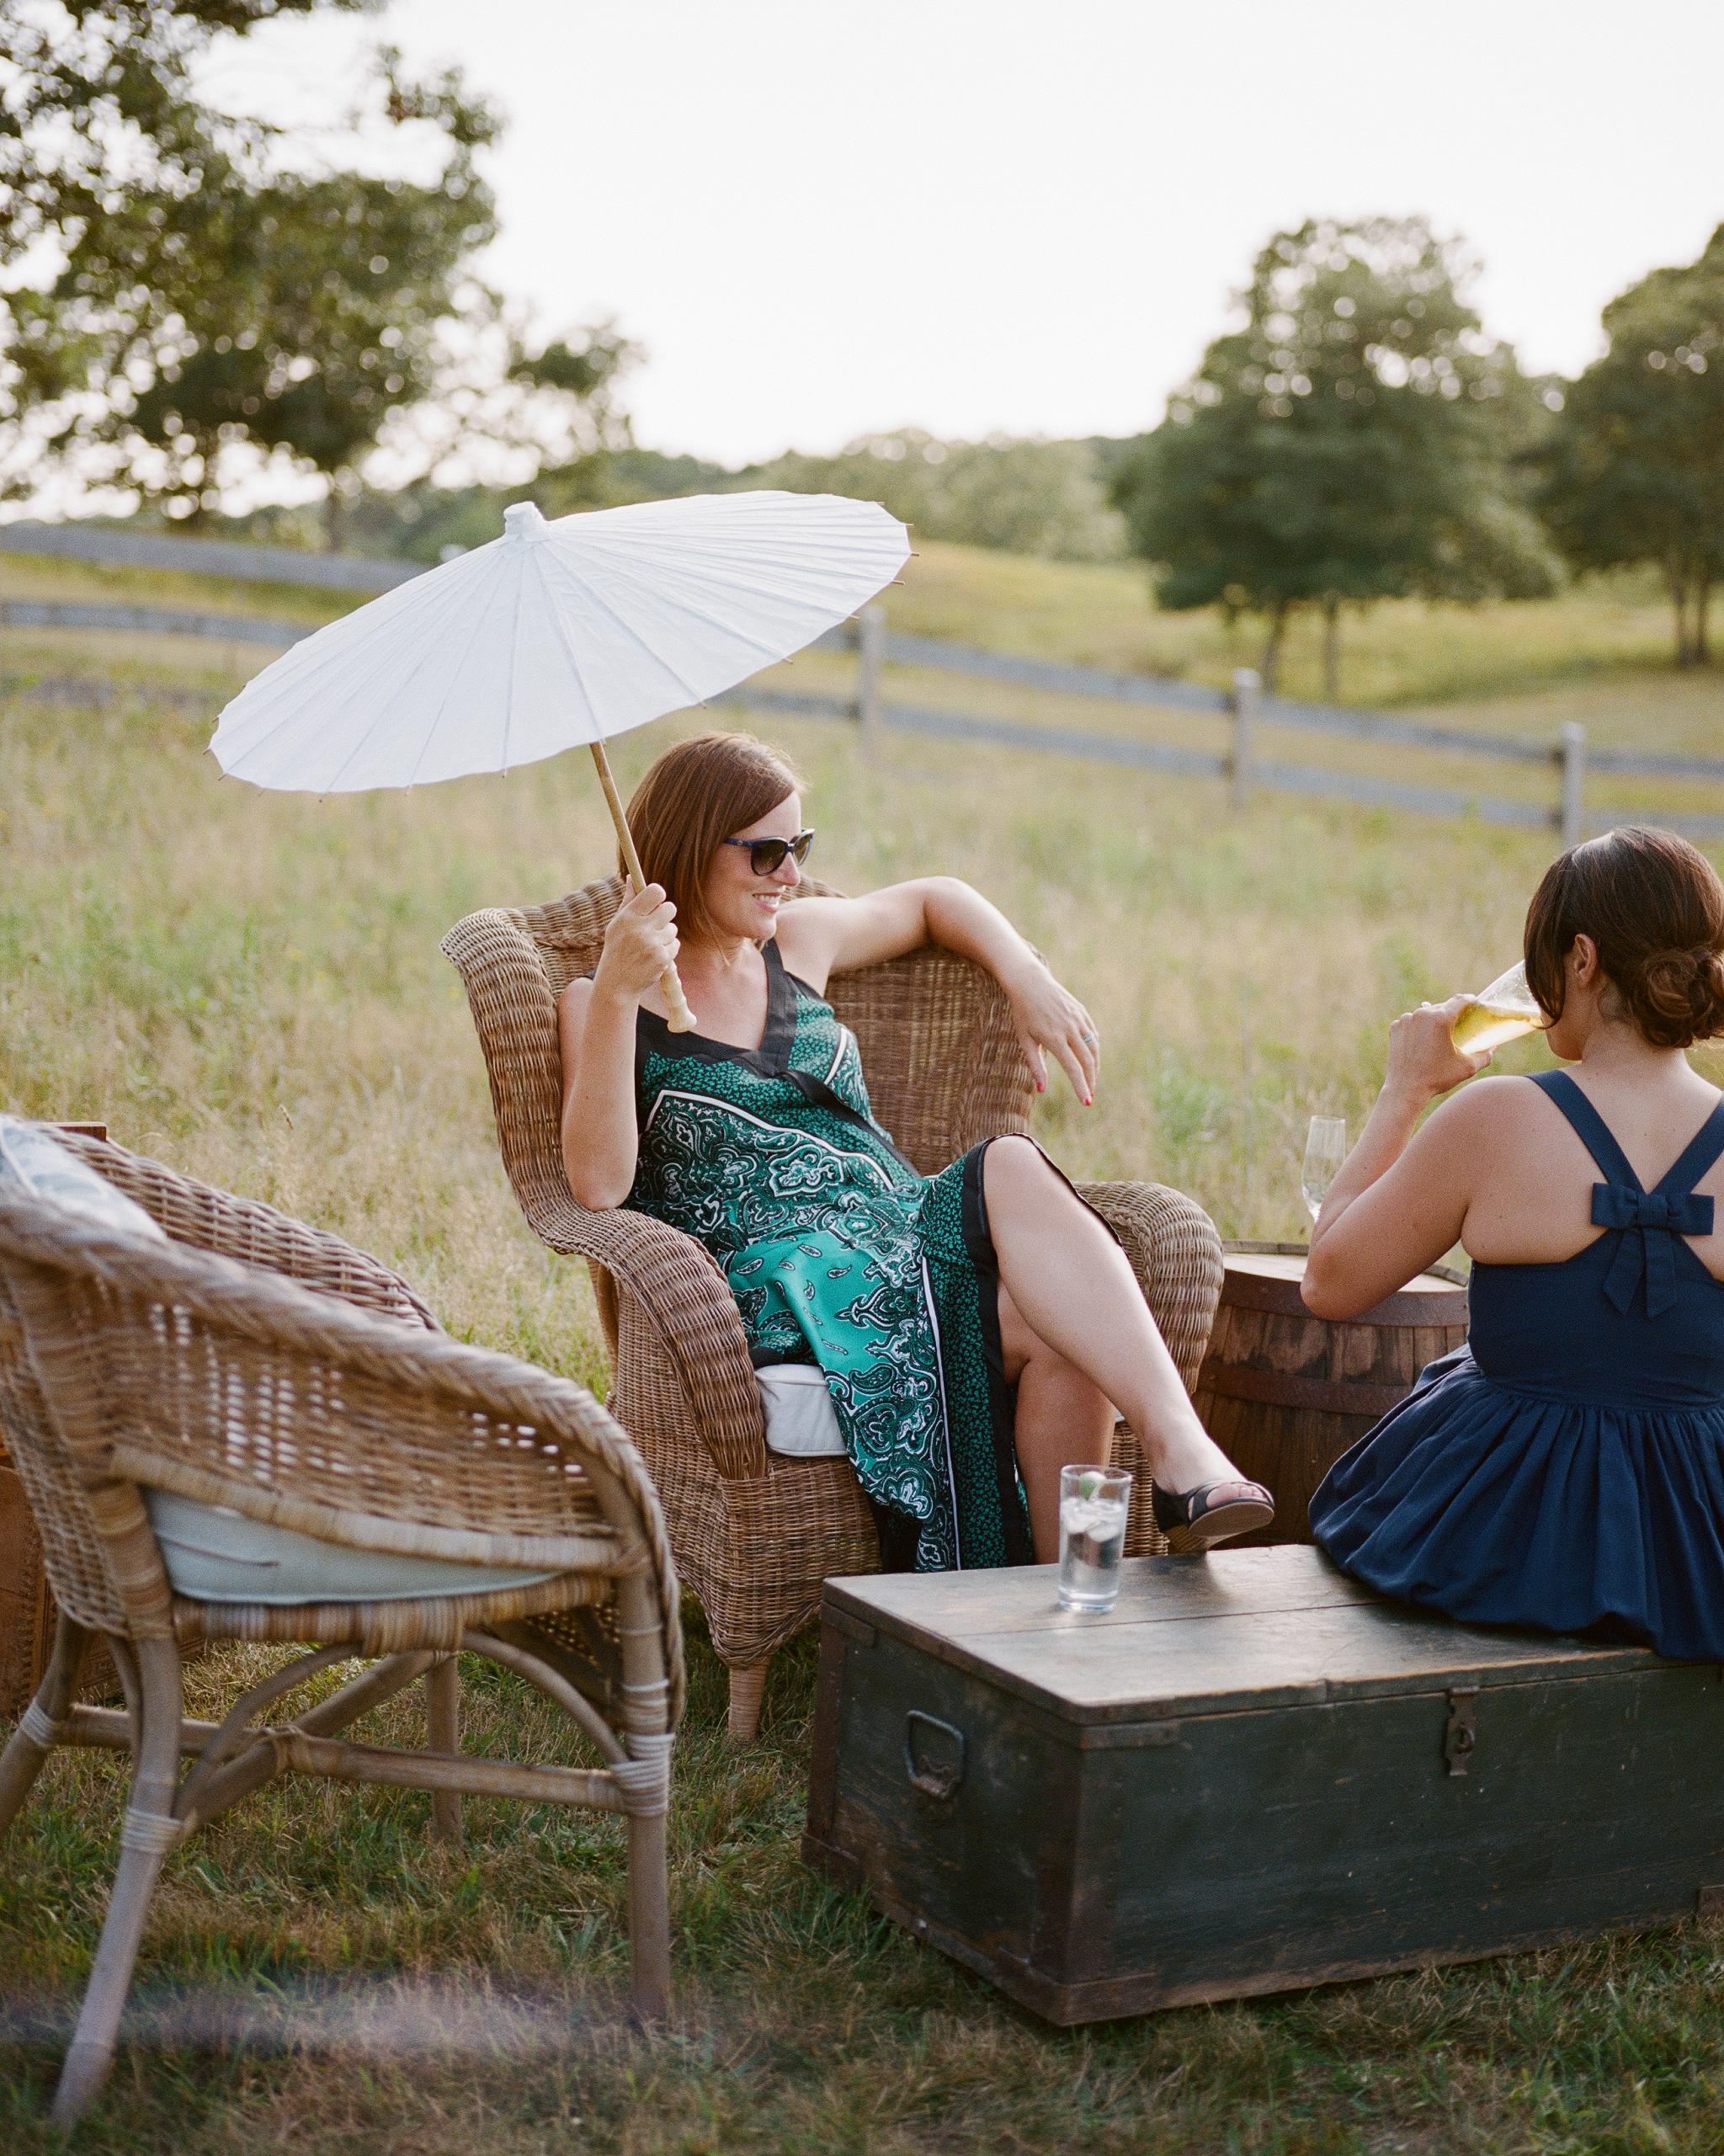 jocelyn-graham-wedding-lounge-1065-s111847-0315.jpg